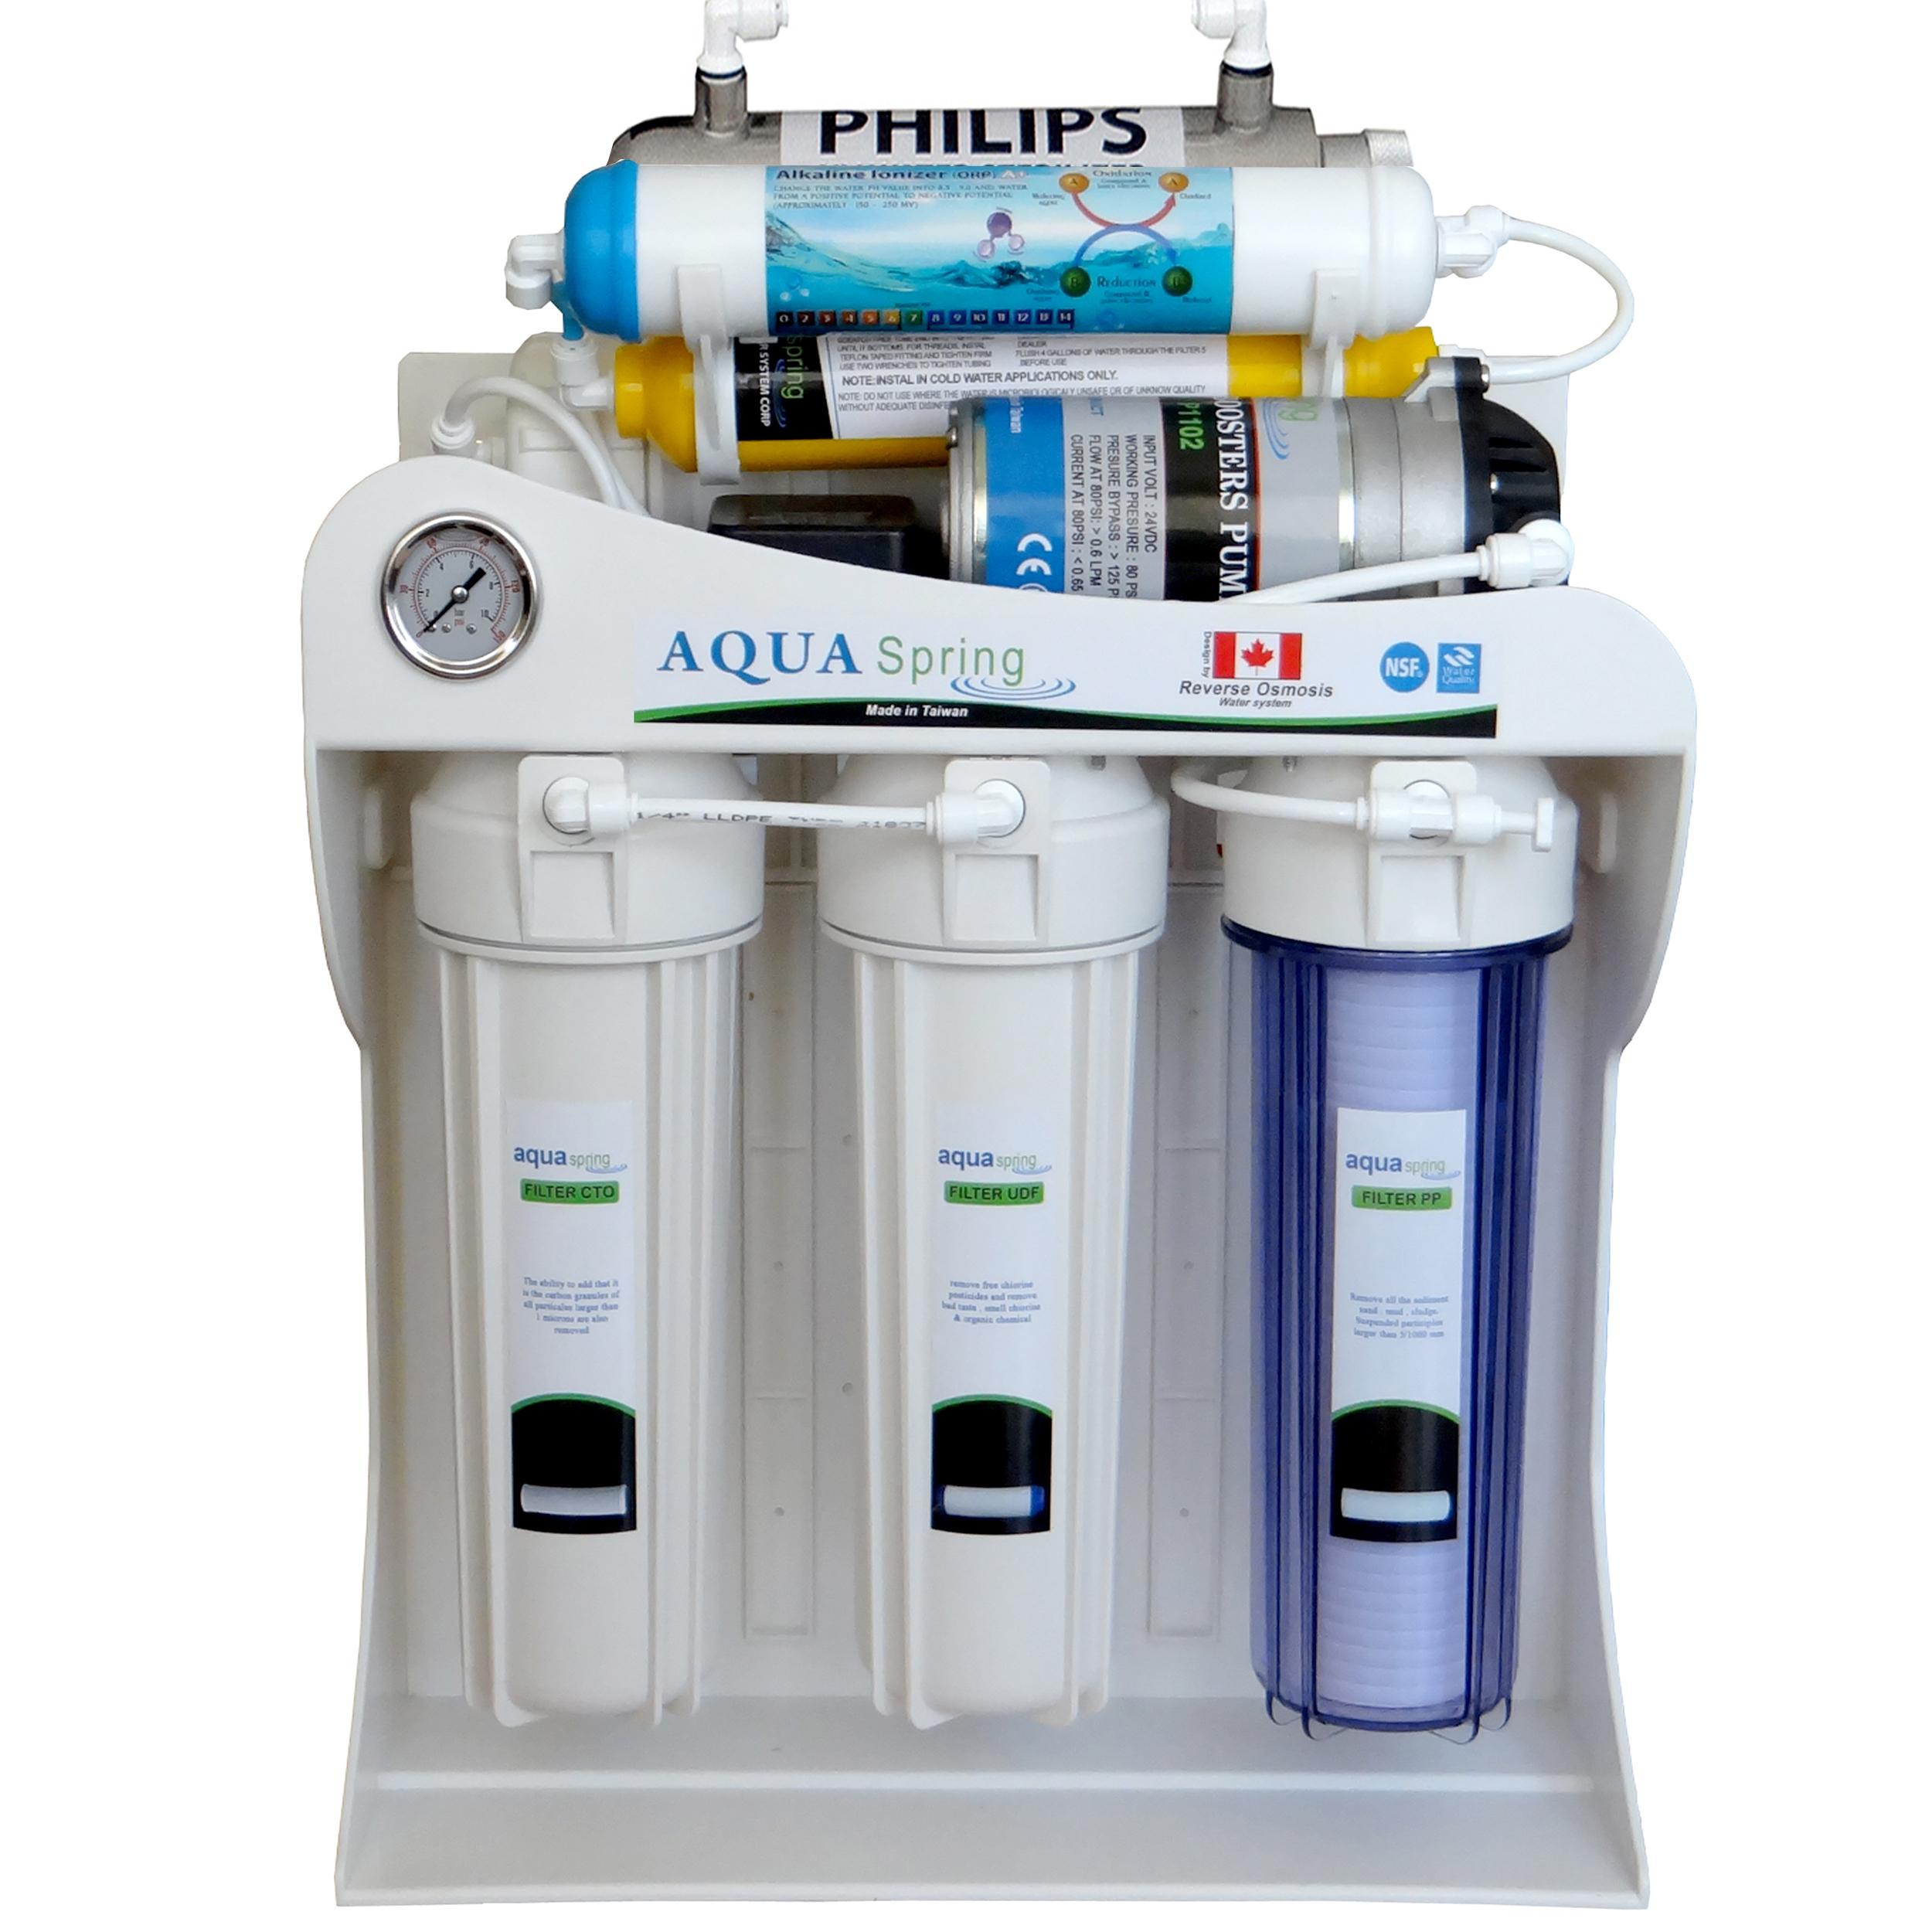 دستگاه تصفیه کننده آب آکوآ اسپرینگ مدل AQ-SF2700